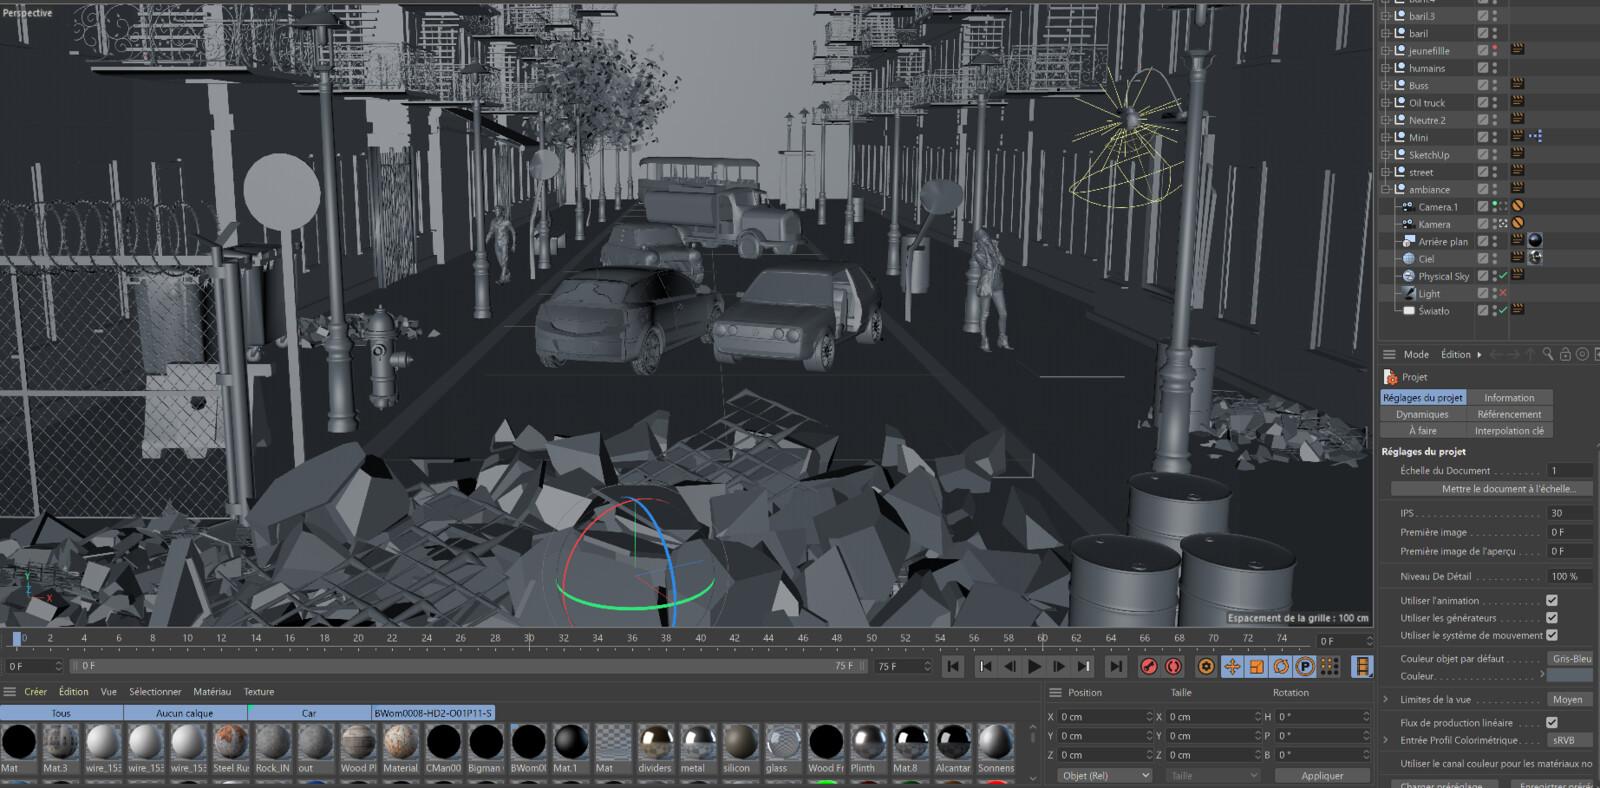 street rendu 3d map sans texture